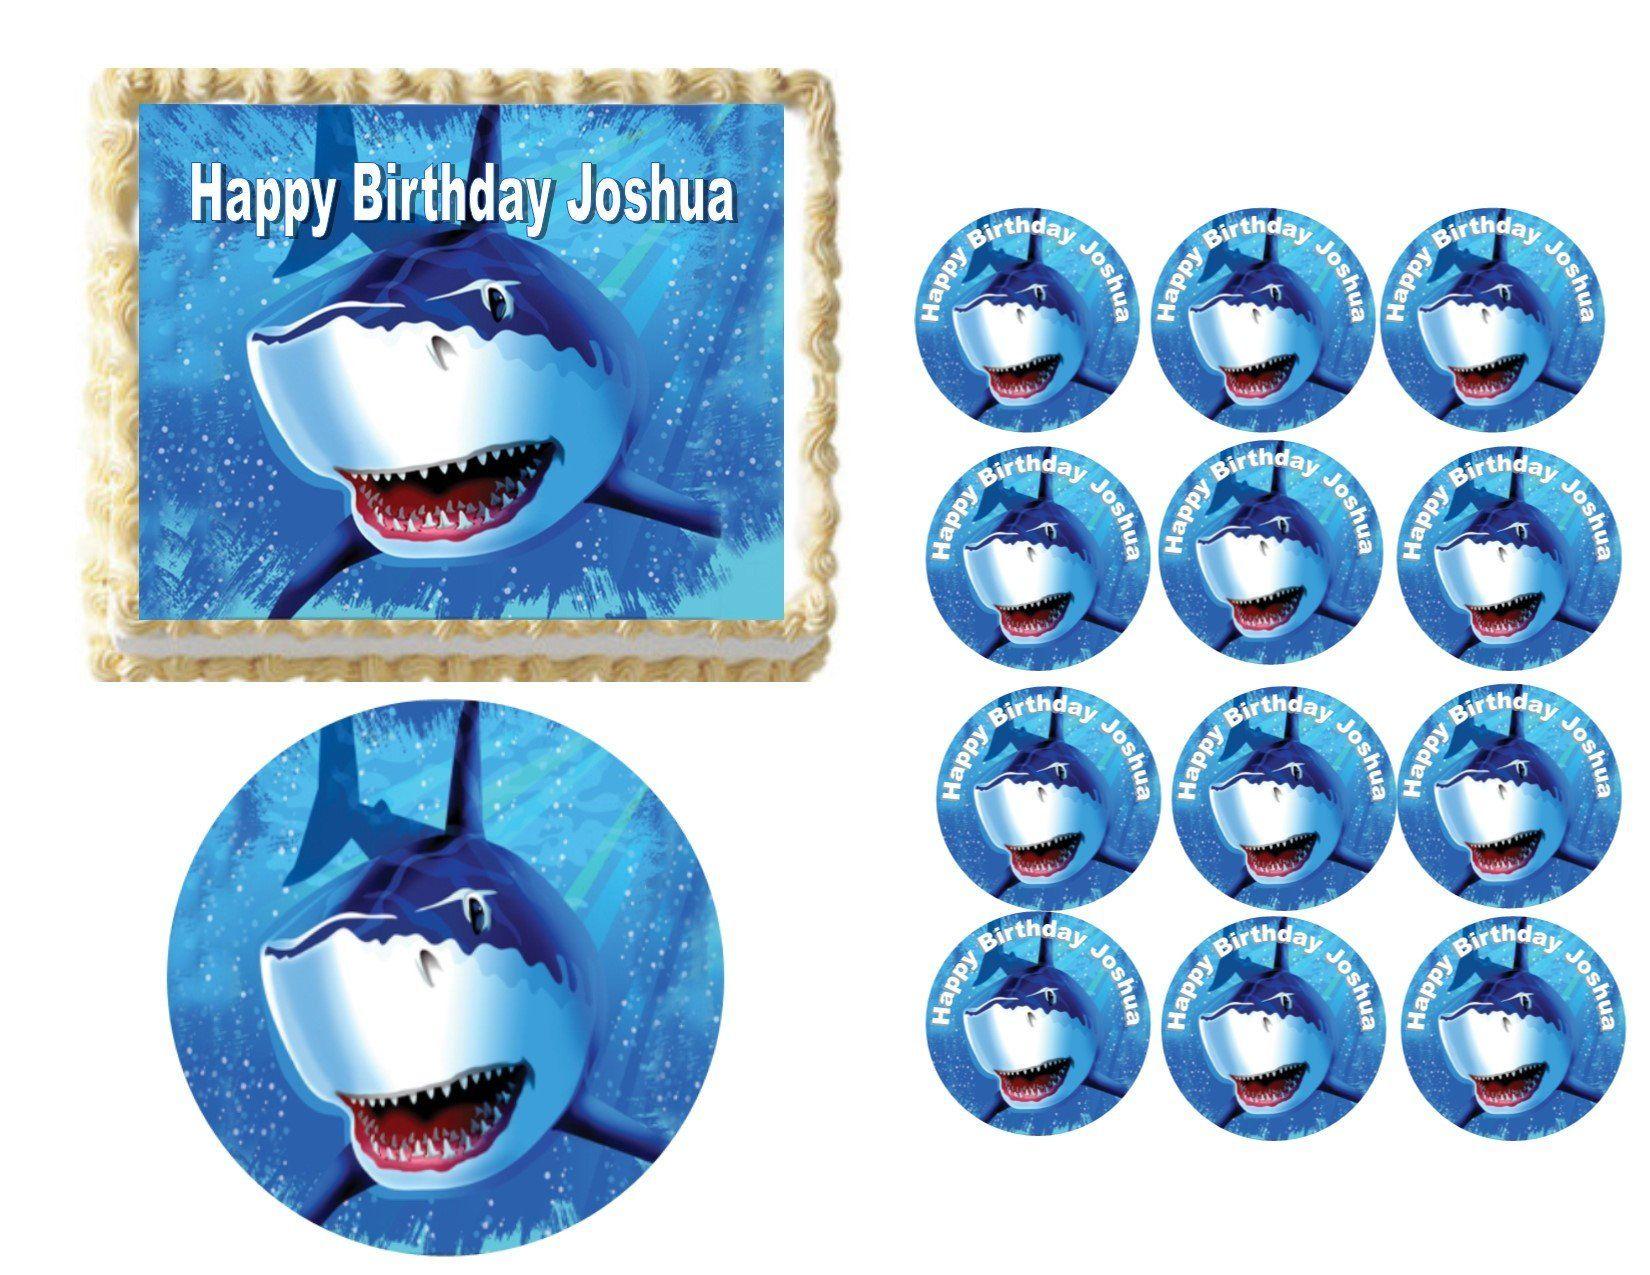 Edible great white shark cake cupcake cookies and oreo